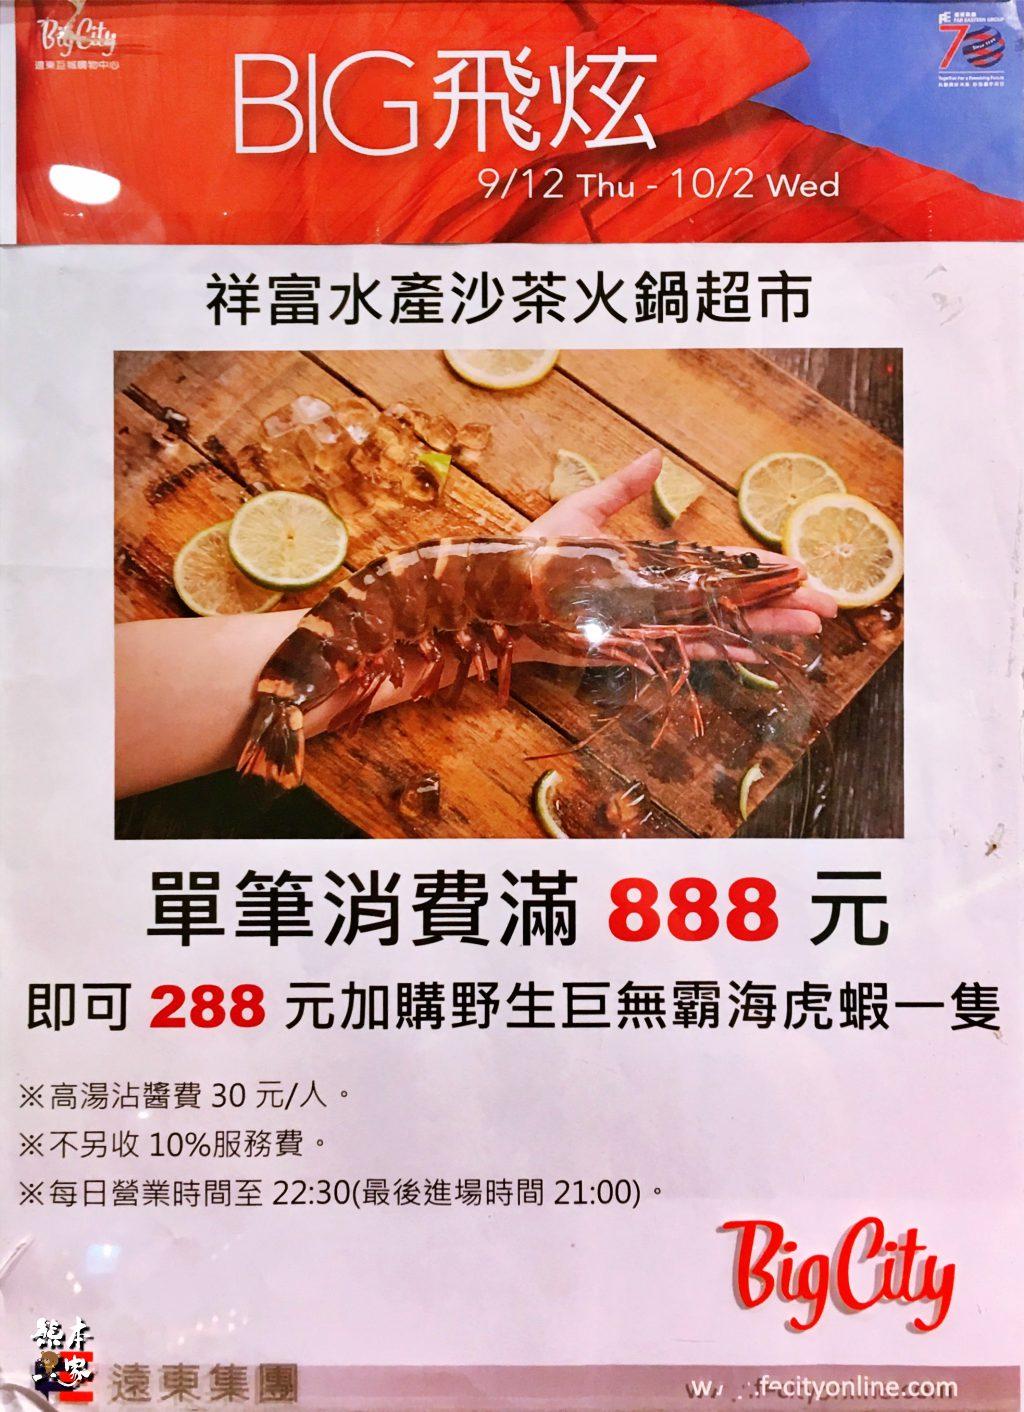 新竹巨城餐廳-祥富水產火鍋超市-想吃什麼自己買~精省控制預算用餐